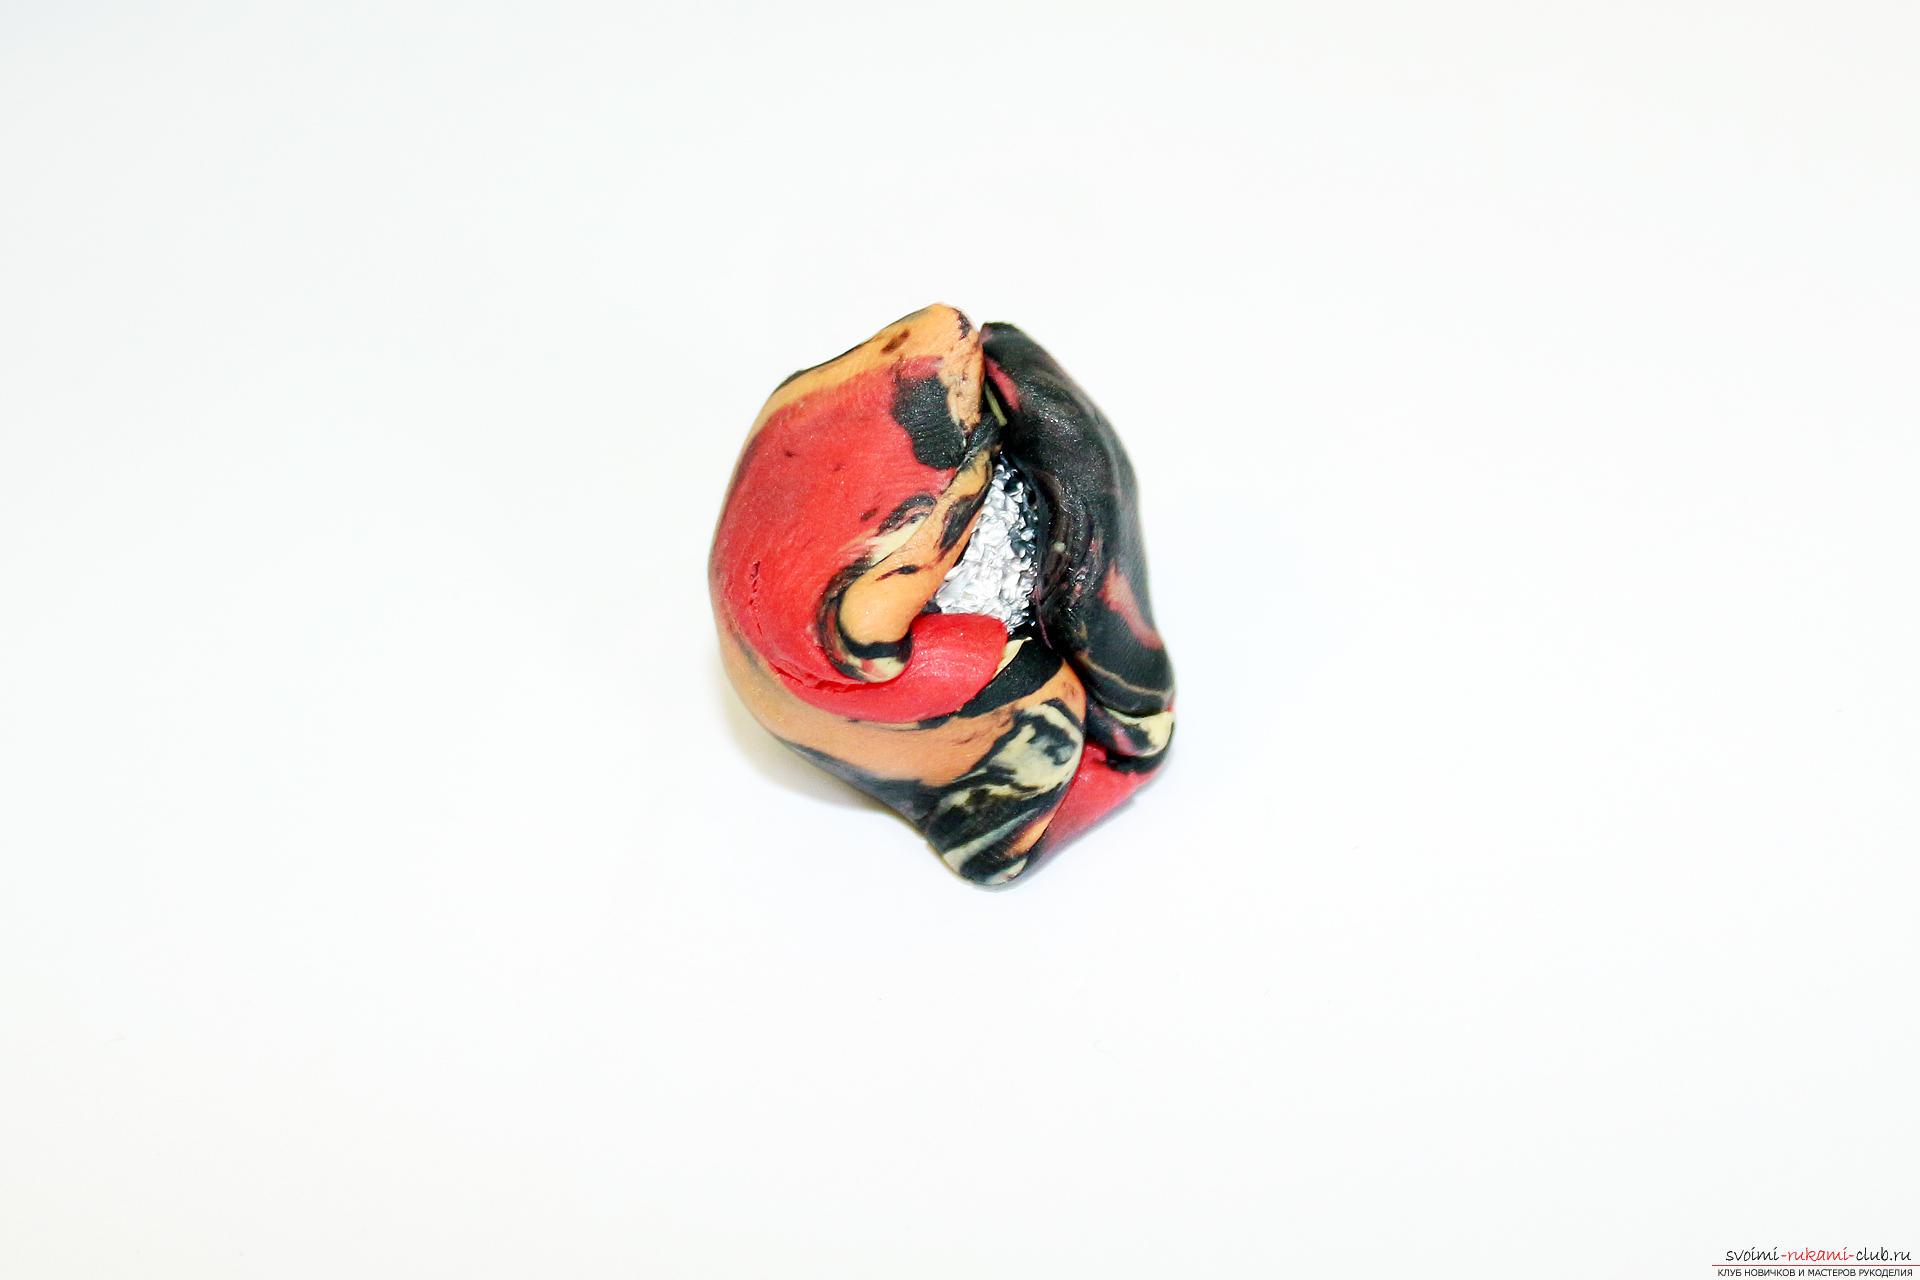 Этот подробный мастер-класс по лепке из полимерной глины расскажет как сделать своими руками фигурки из полимерной глины - овощи и фрукты для детей.. Фото №7